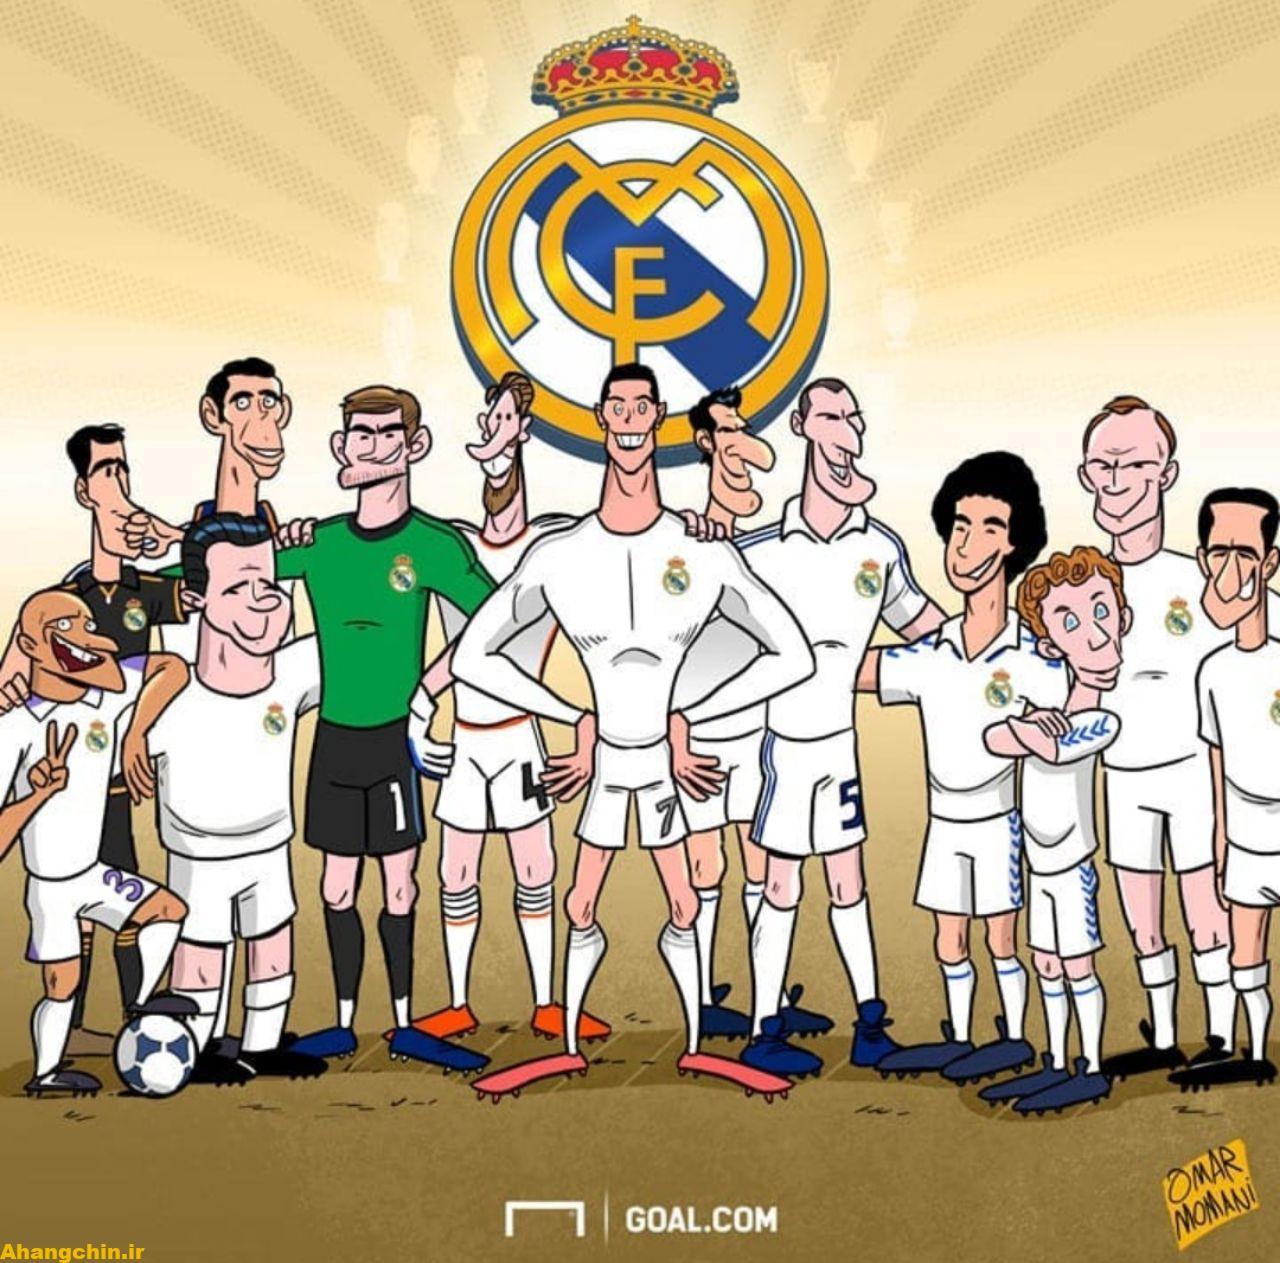 آهنگ رئال مادرید